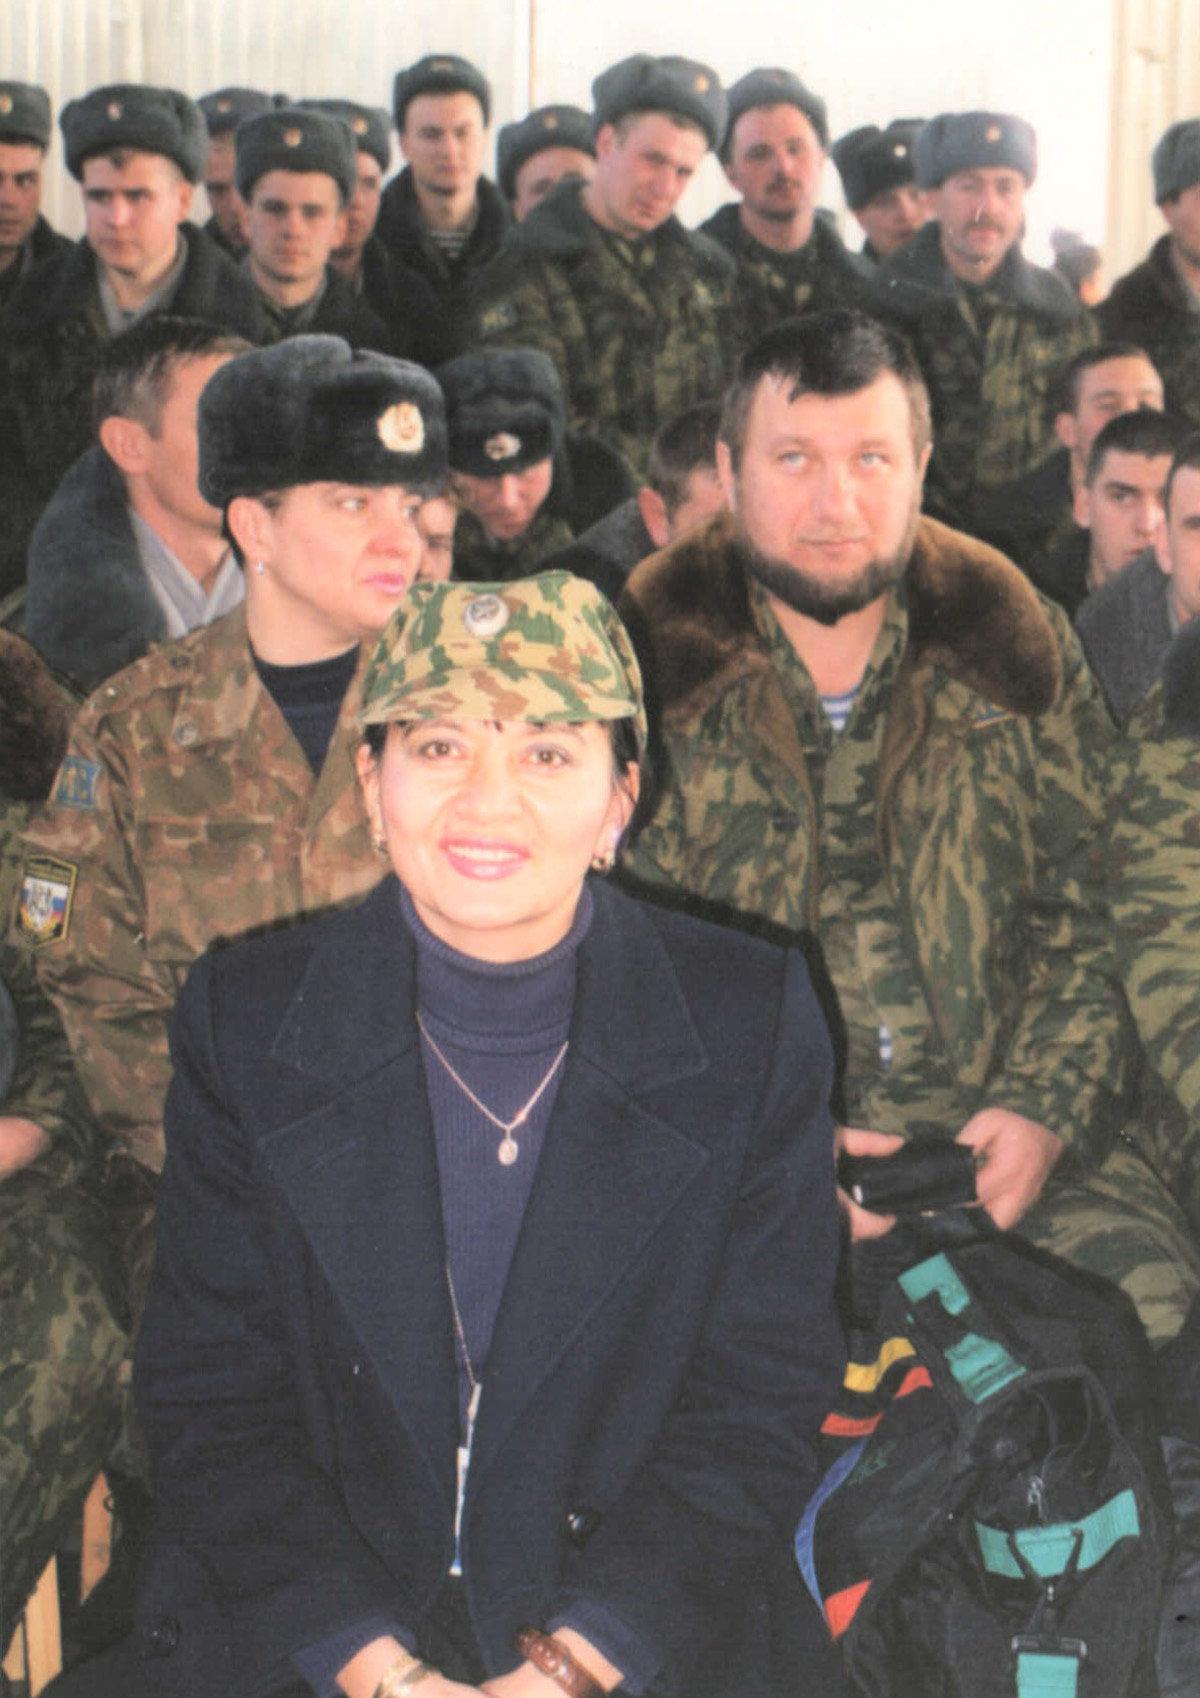 Миротворческая миссия, 2001 год, Косово